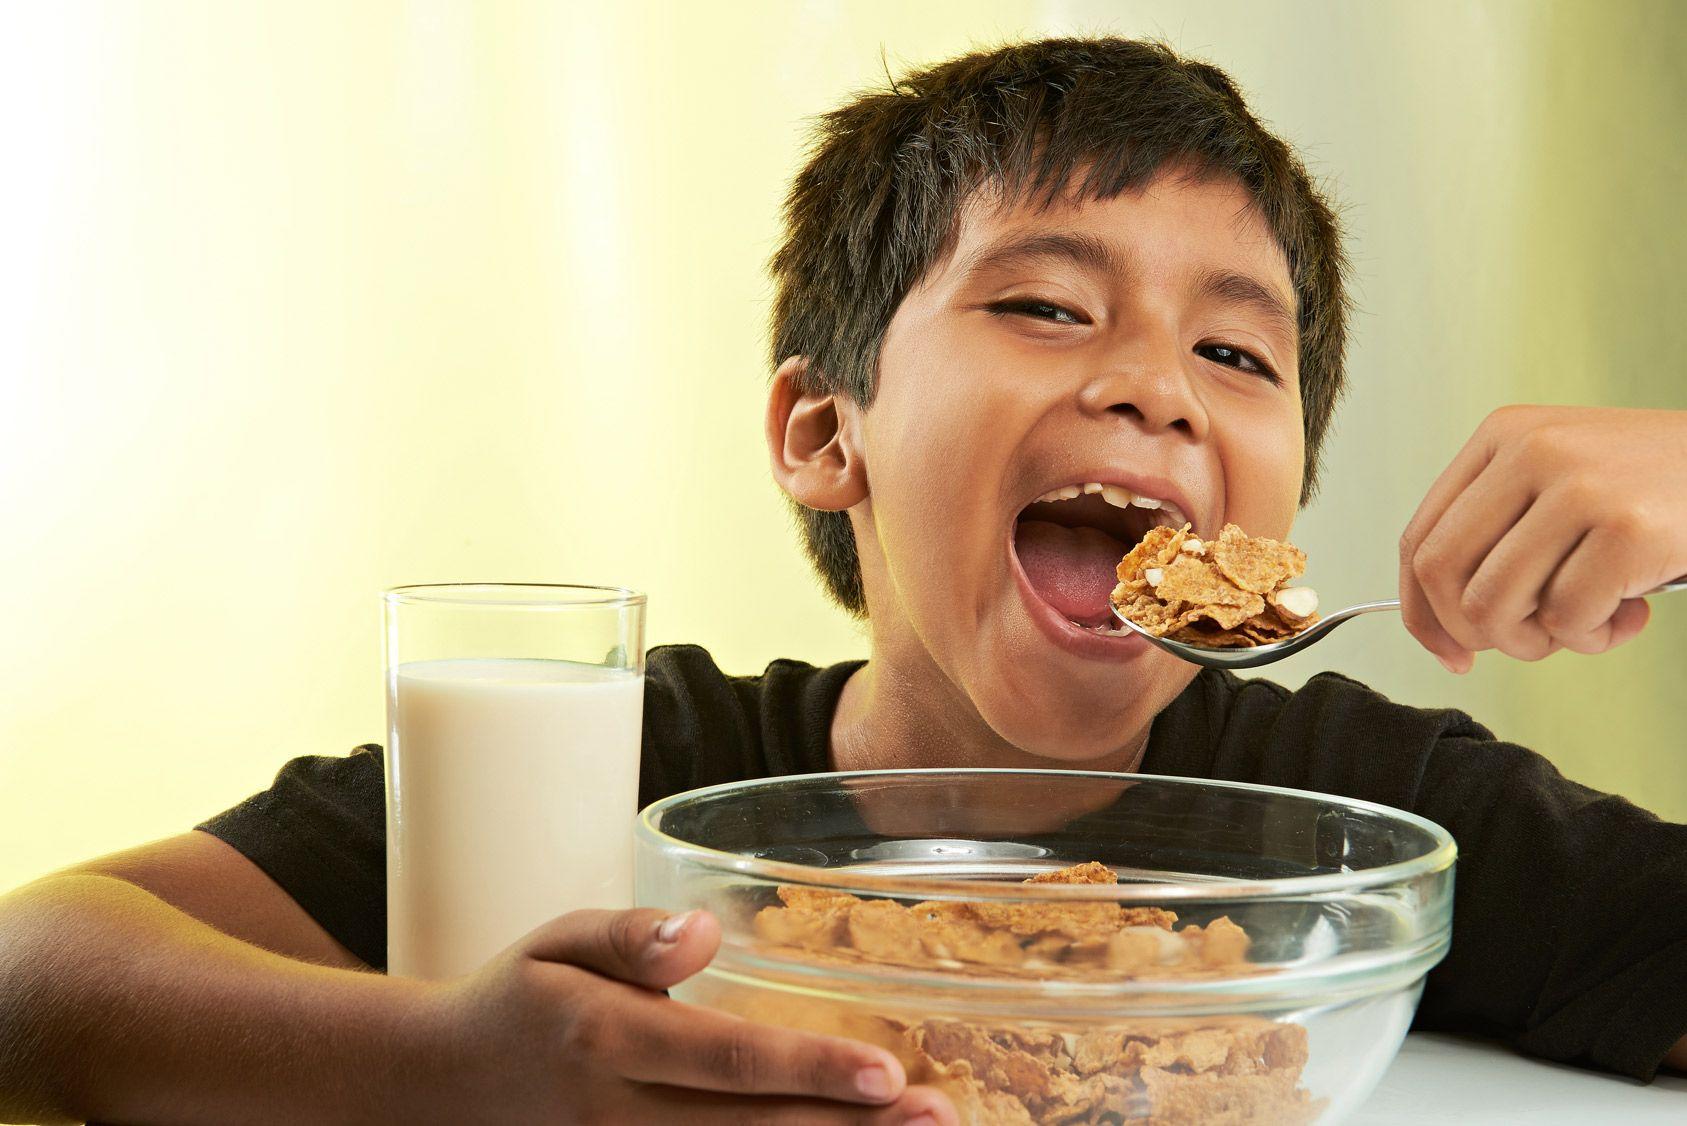 Obésité, surpoids... L'arrêt des mascottes sur les produits destinés aux enfants est réclamé